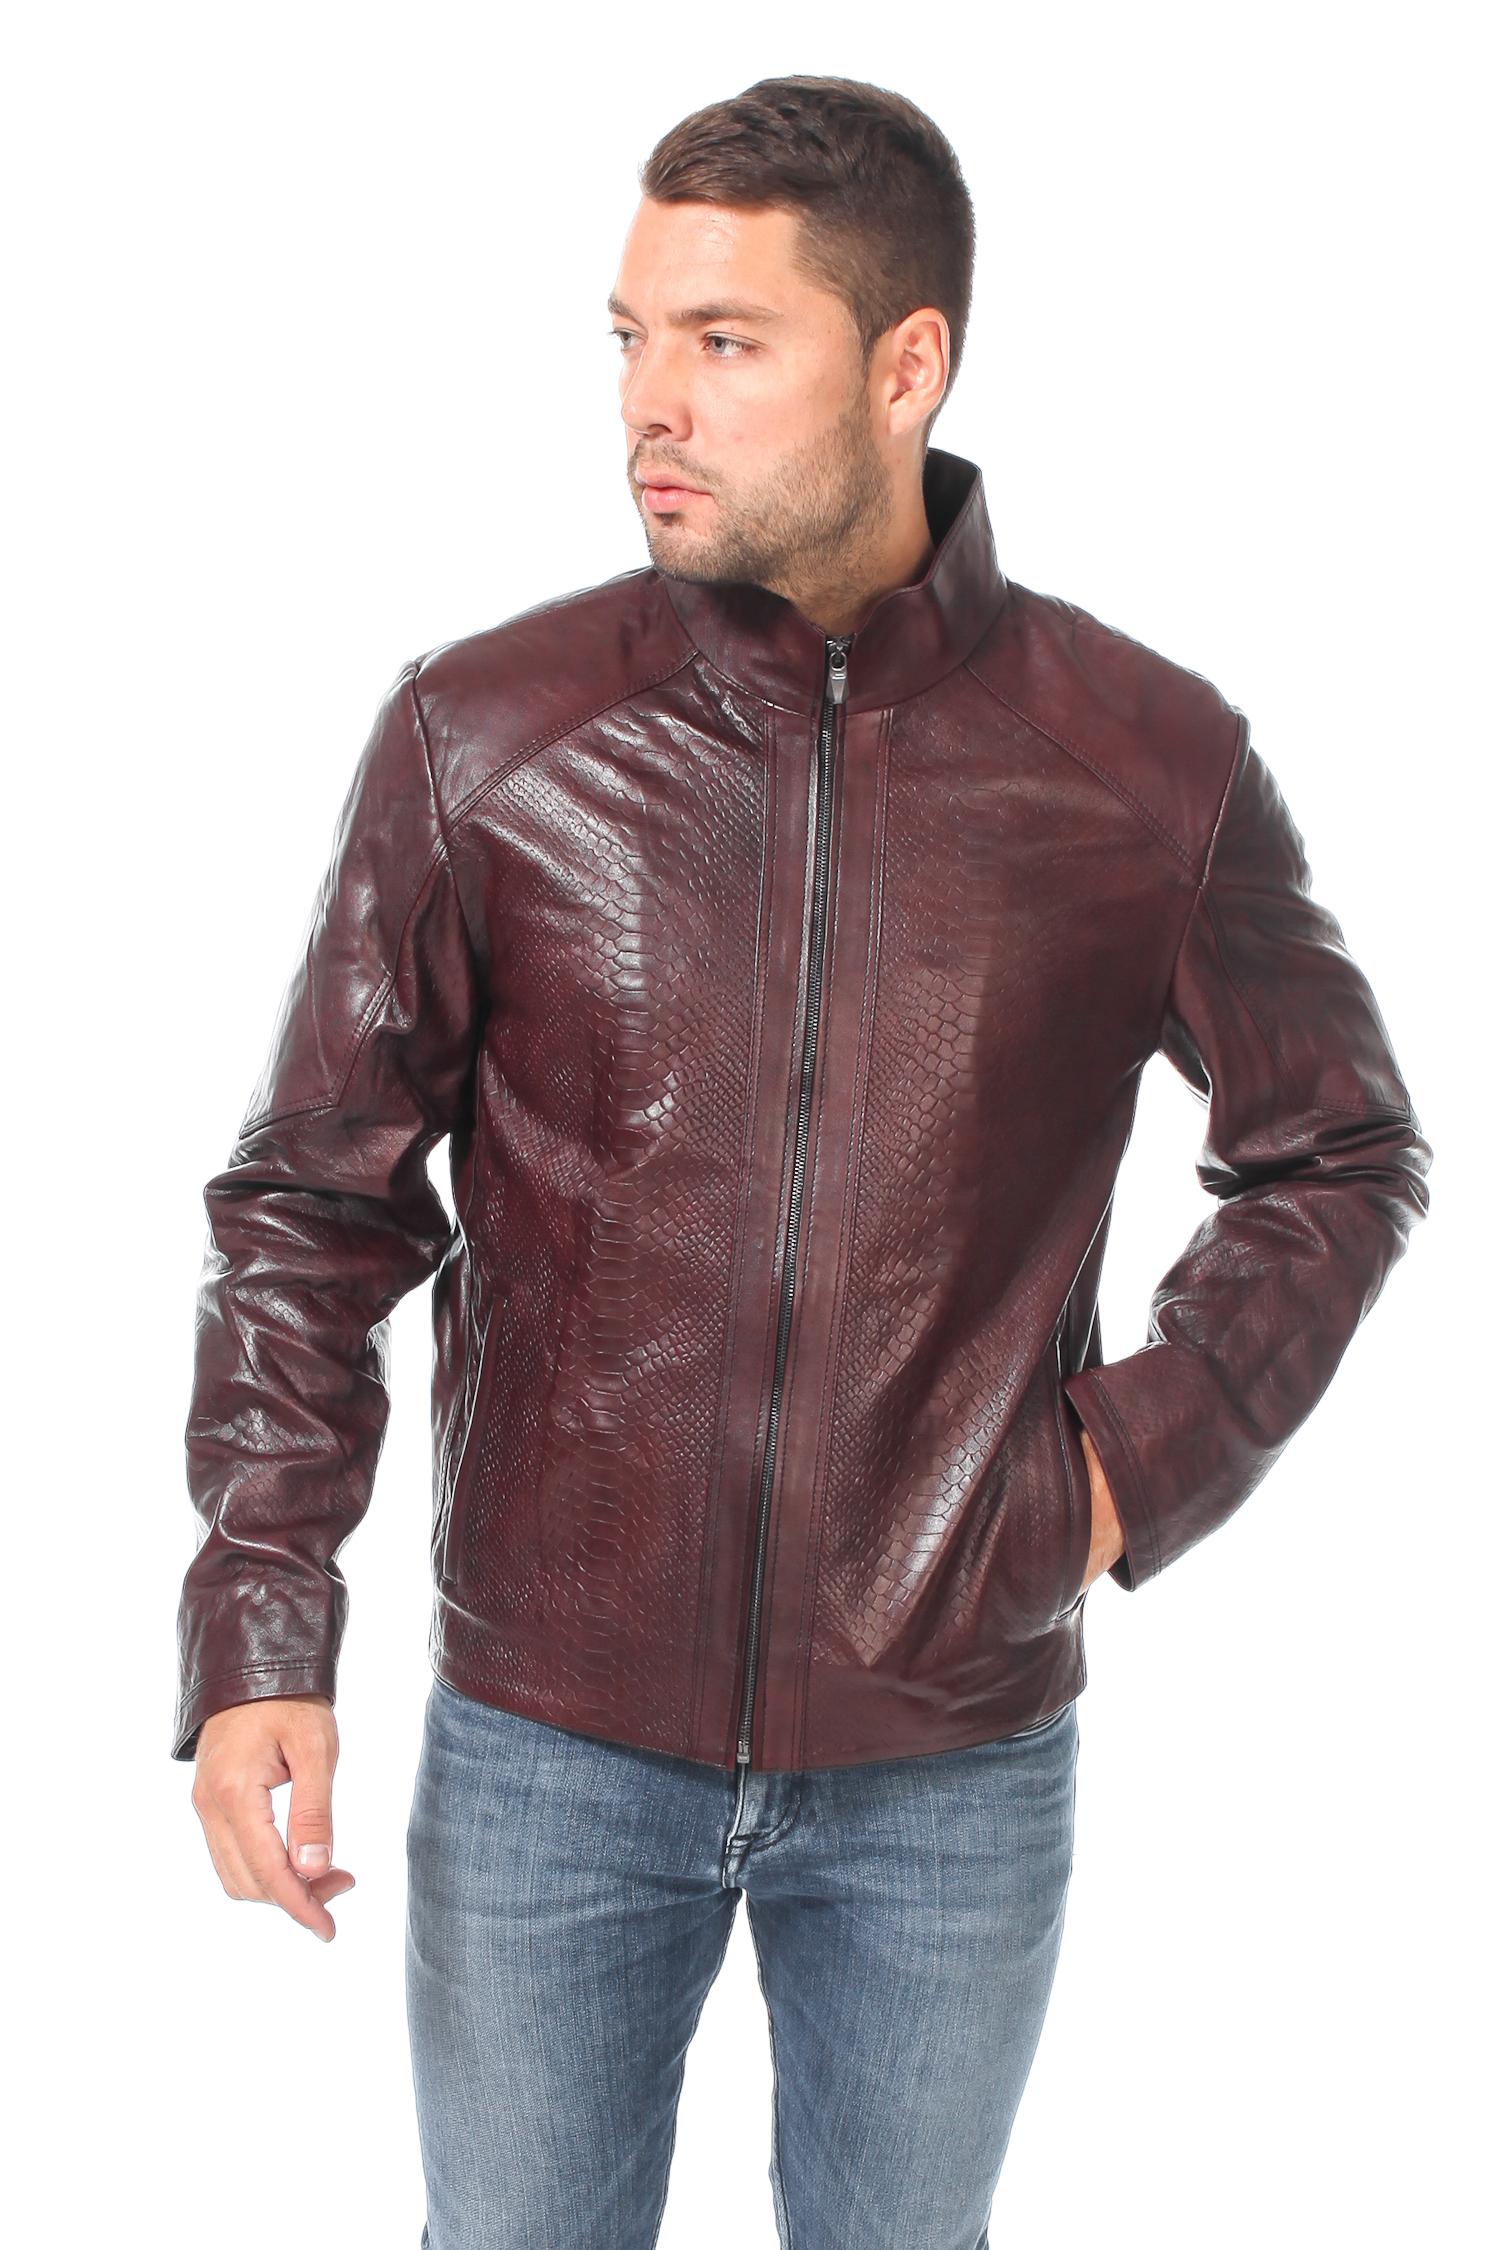 Мужская кожаная куртка из натуральной кожиЦвет - каштаново-коричневый.<br><br>Кожаная куртка каштаново-коричневого цвета станет базовой вещью осенне-весеннего гардероба. Благодаря лаконичному крою куртка хорошо сочетается и с джинсами, и с брюками.<br><br>Модель застегивается на молнию. Боковые карманы без застежки. Для удобства куртка дополнена двумя внутренними карманами.<br><br>Особенной это изделие делает глубокий насыщенный цвет, а также тиснение под кожу крокодила.<br><br>Воротник: стойка<br>Длина см: Короткая (51-74 )<br>Материал: Кожа овчина<br>Цвет: коричневый<br>Вид застежки: центральная<br>Застежка: на молнии<br>Пол: Мужской<br>Размер RU: 48